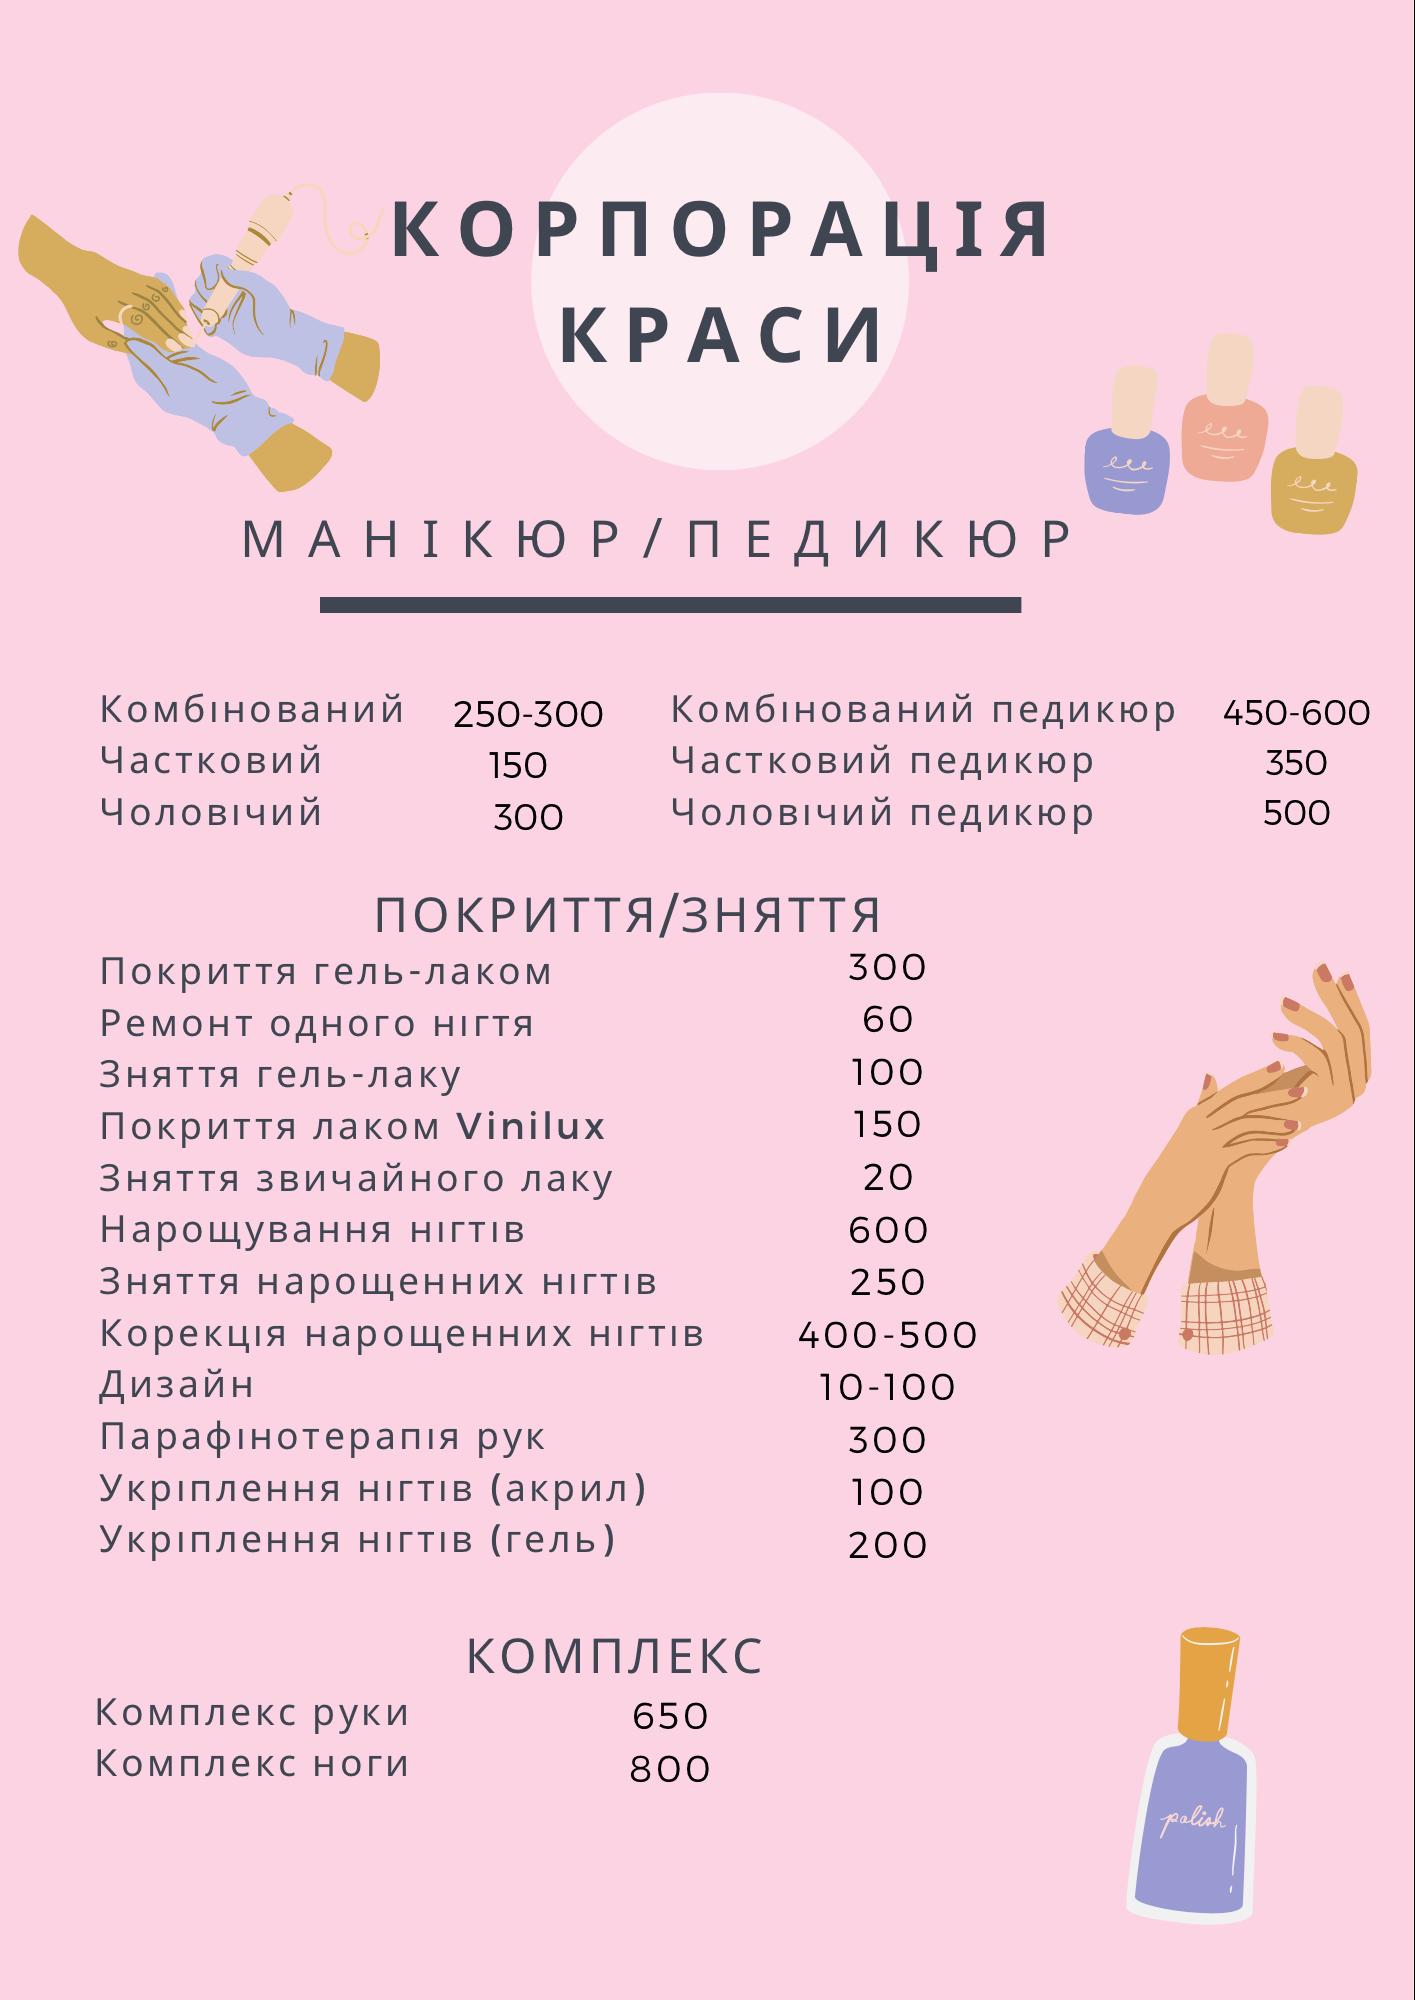 Стоимость услуг салона красоты Киев Печерск прайс цена 3